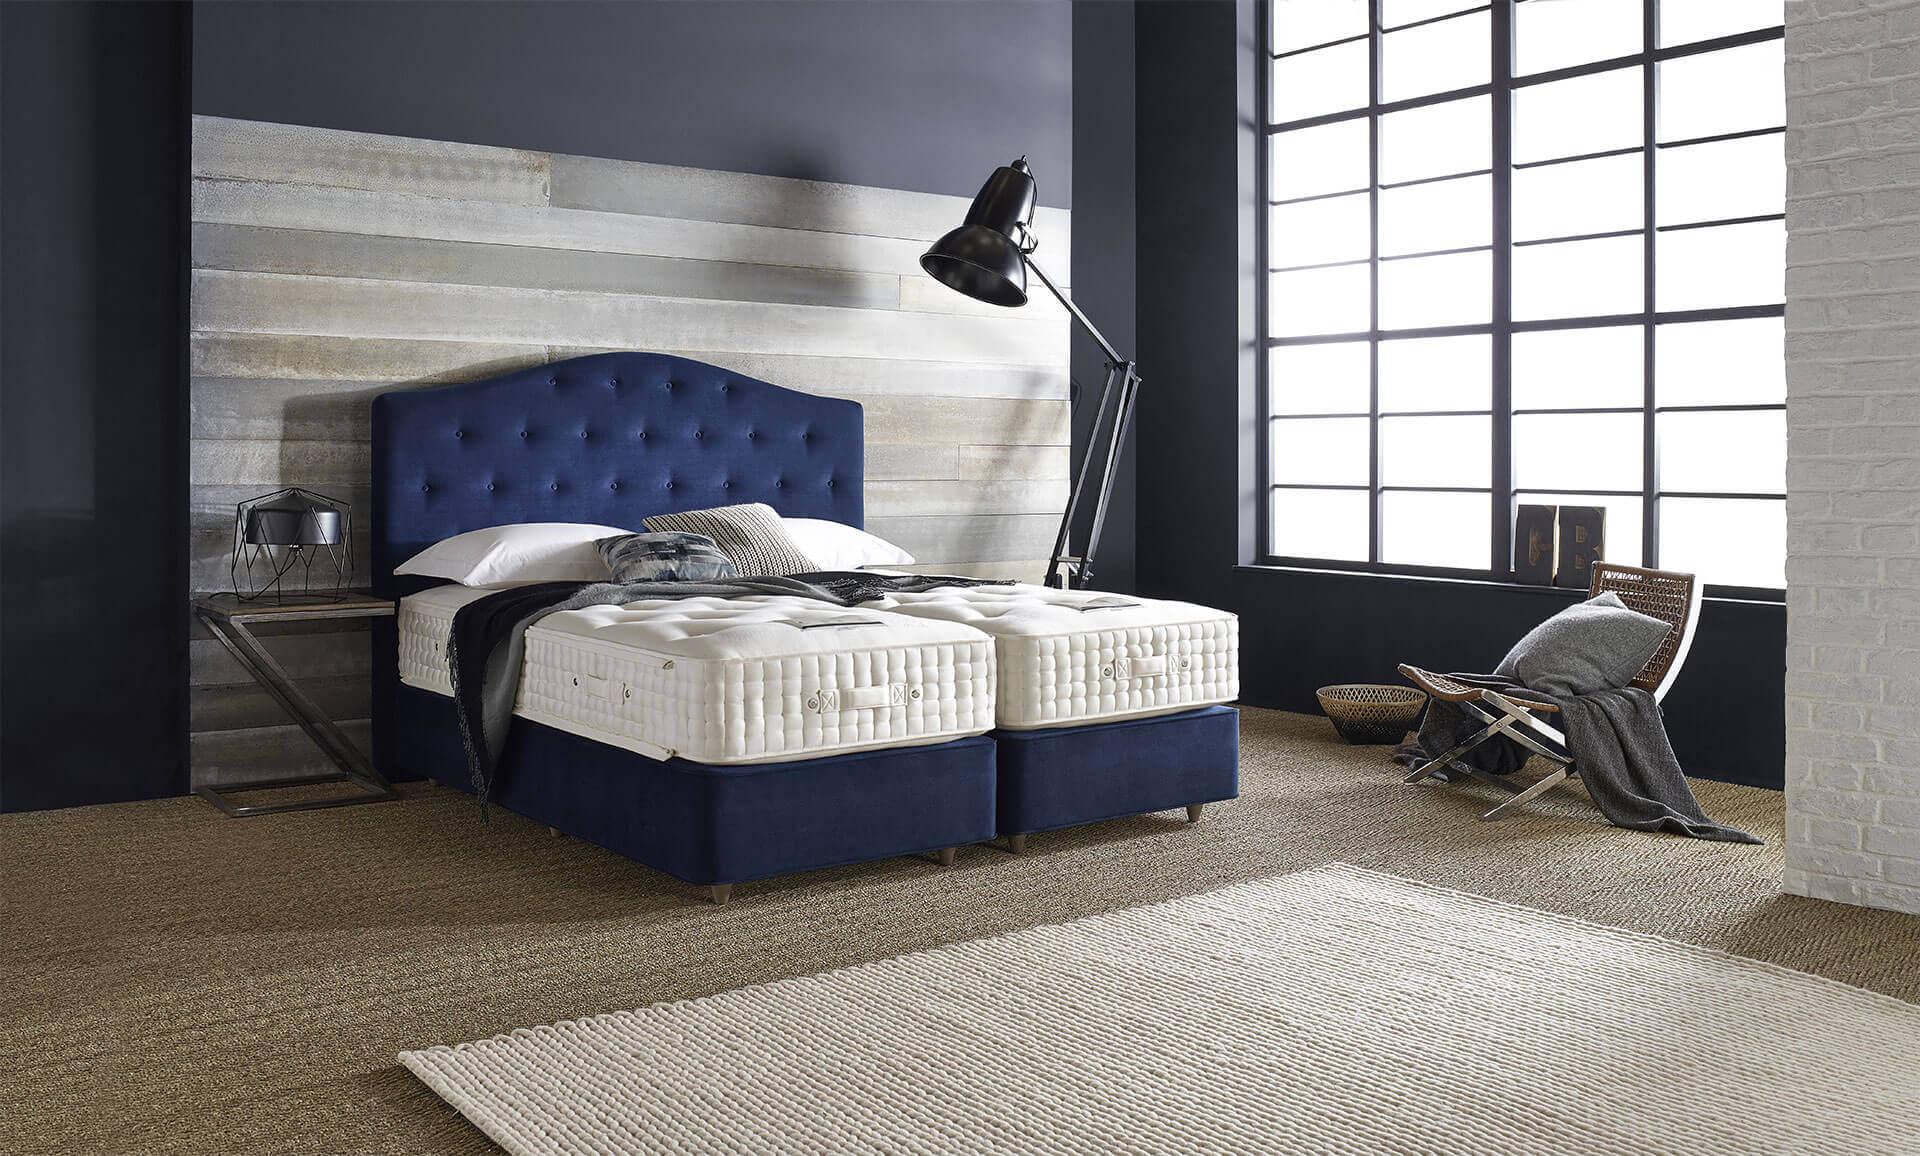 Full Size of Betten Bei Schlafkultur Lang Ikea 160x200 München Köln Ebay 180x200 Xxl Günstig Kaufen Meise Französische Luxus Bonprix Ruf Wohnwert Ottoversand 120x200 Bett Somnus Betten